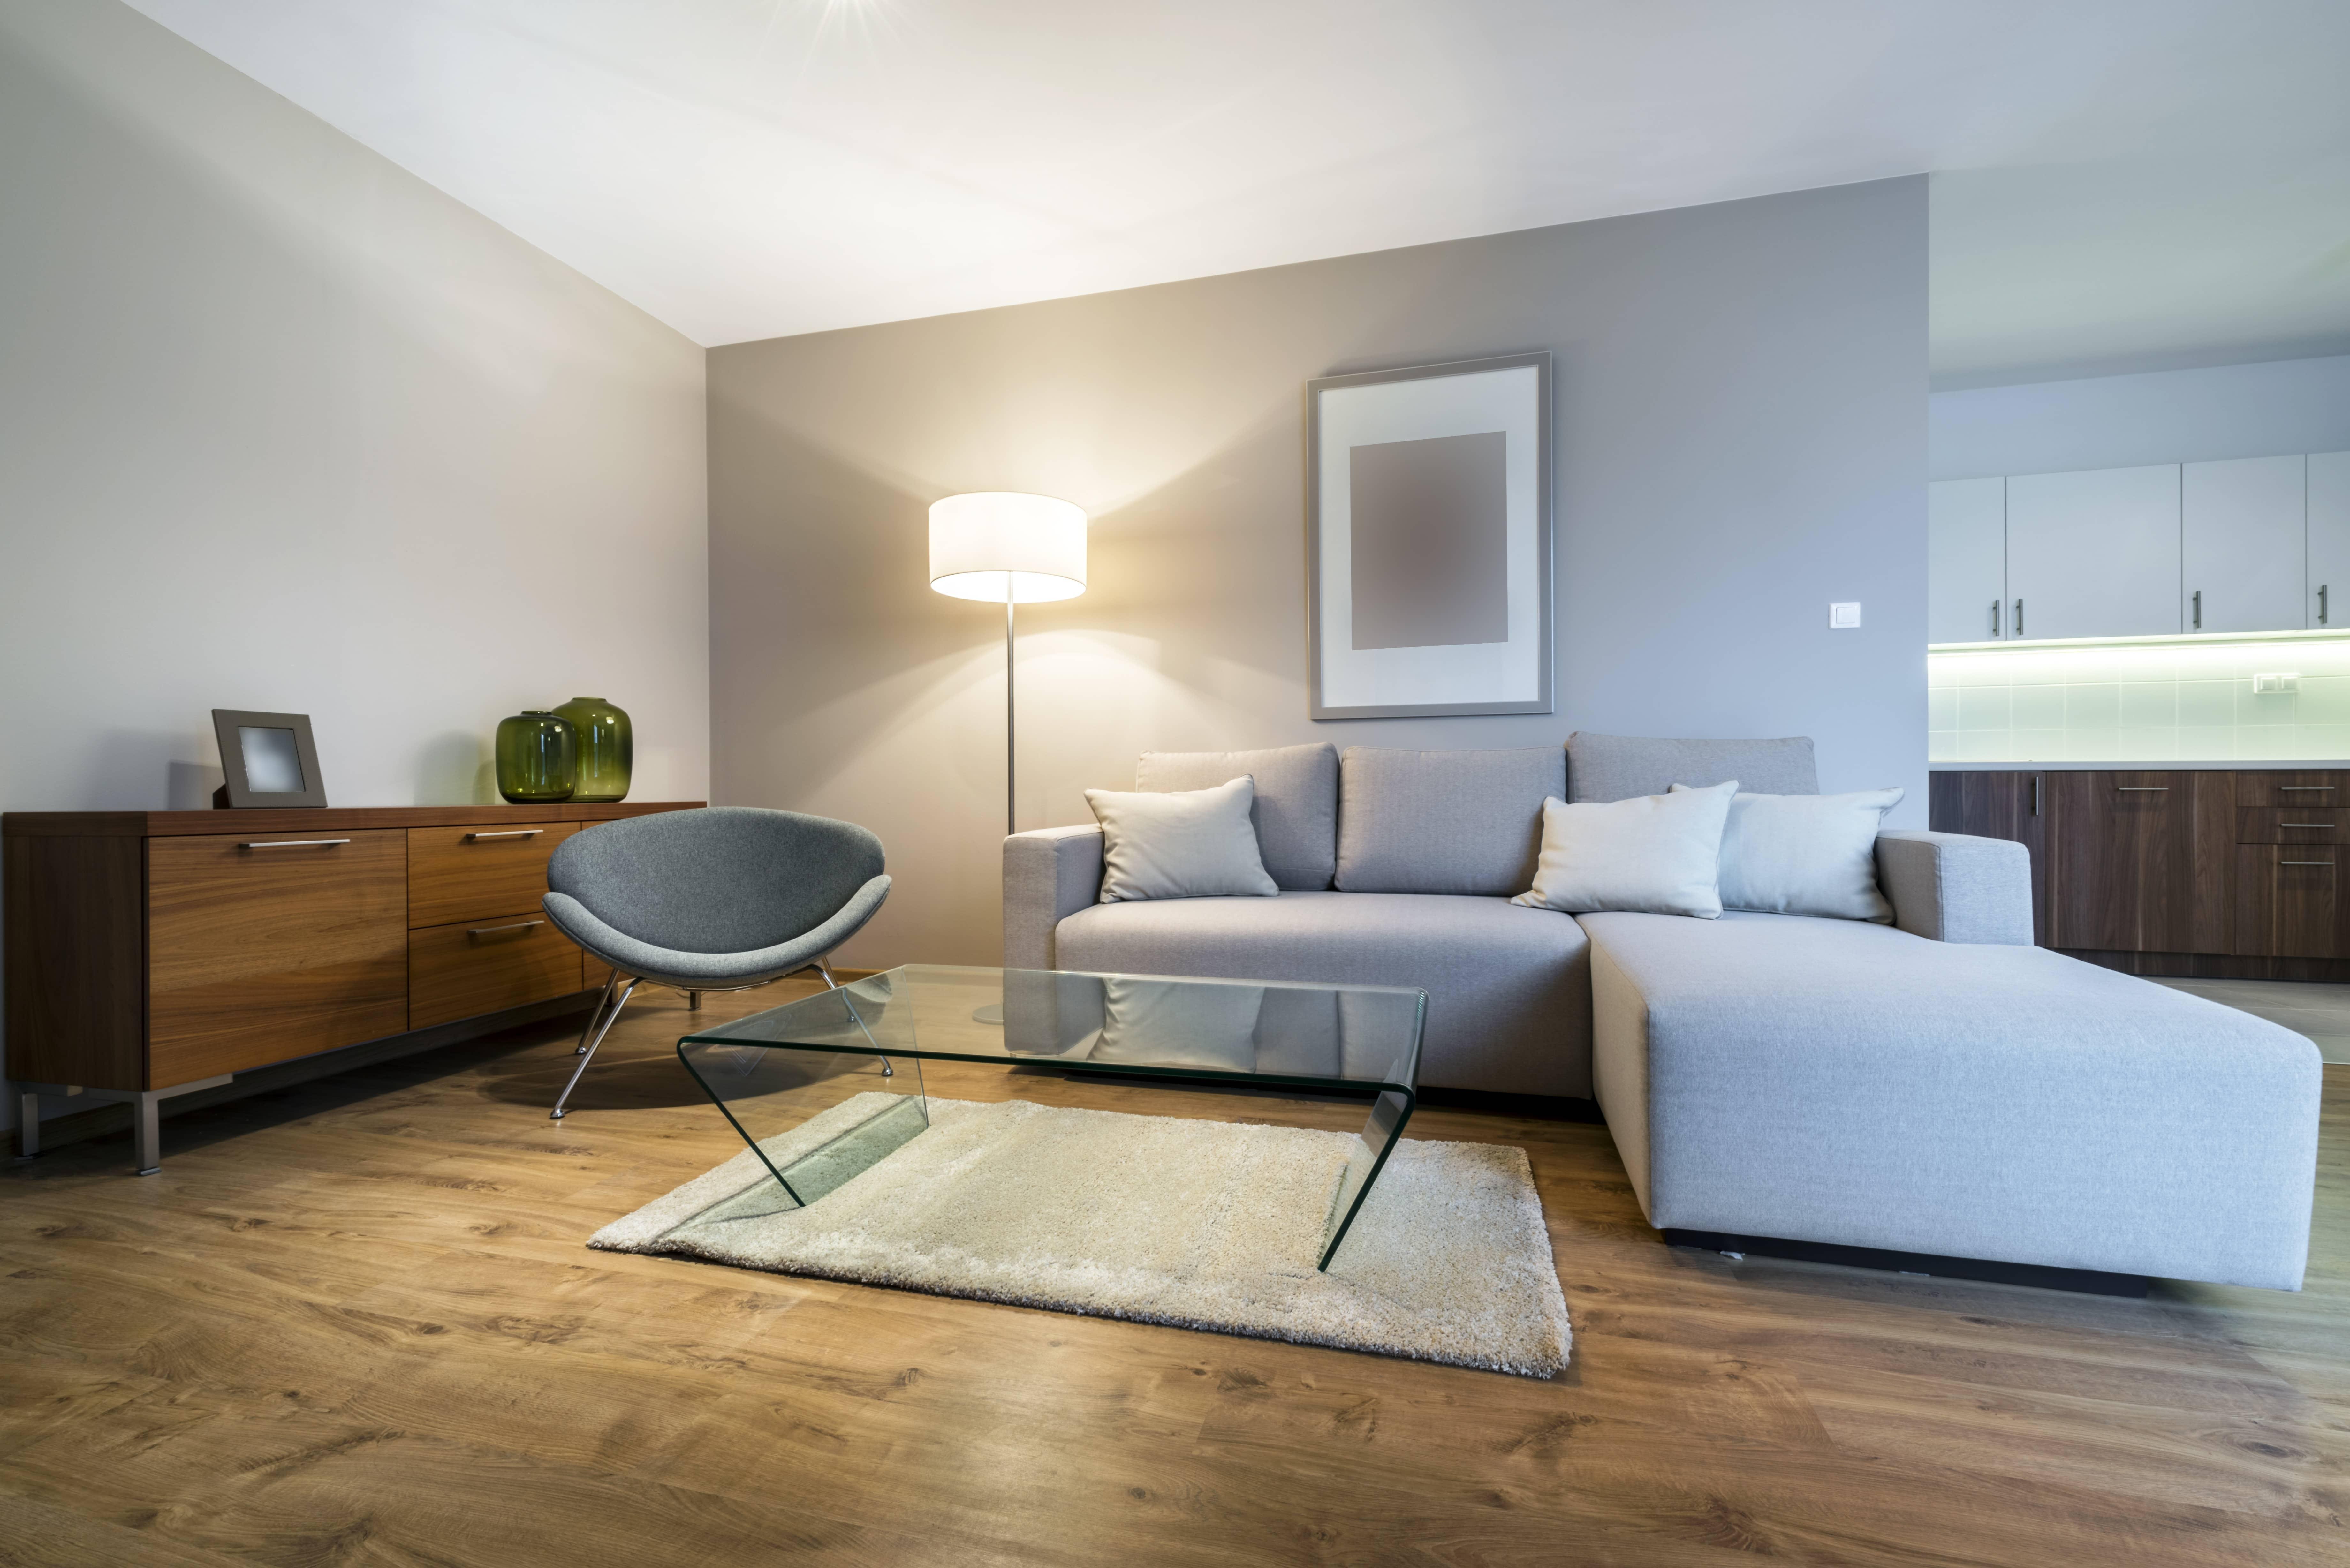 Salon meublé, immobilier neuf et moderne